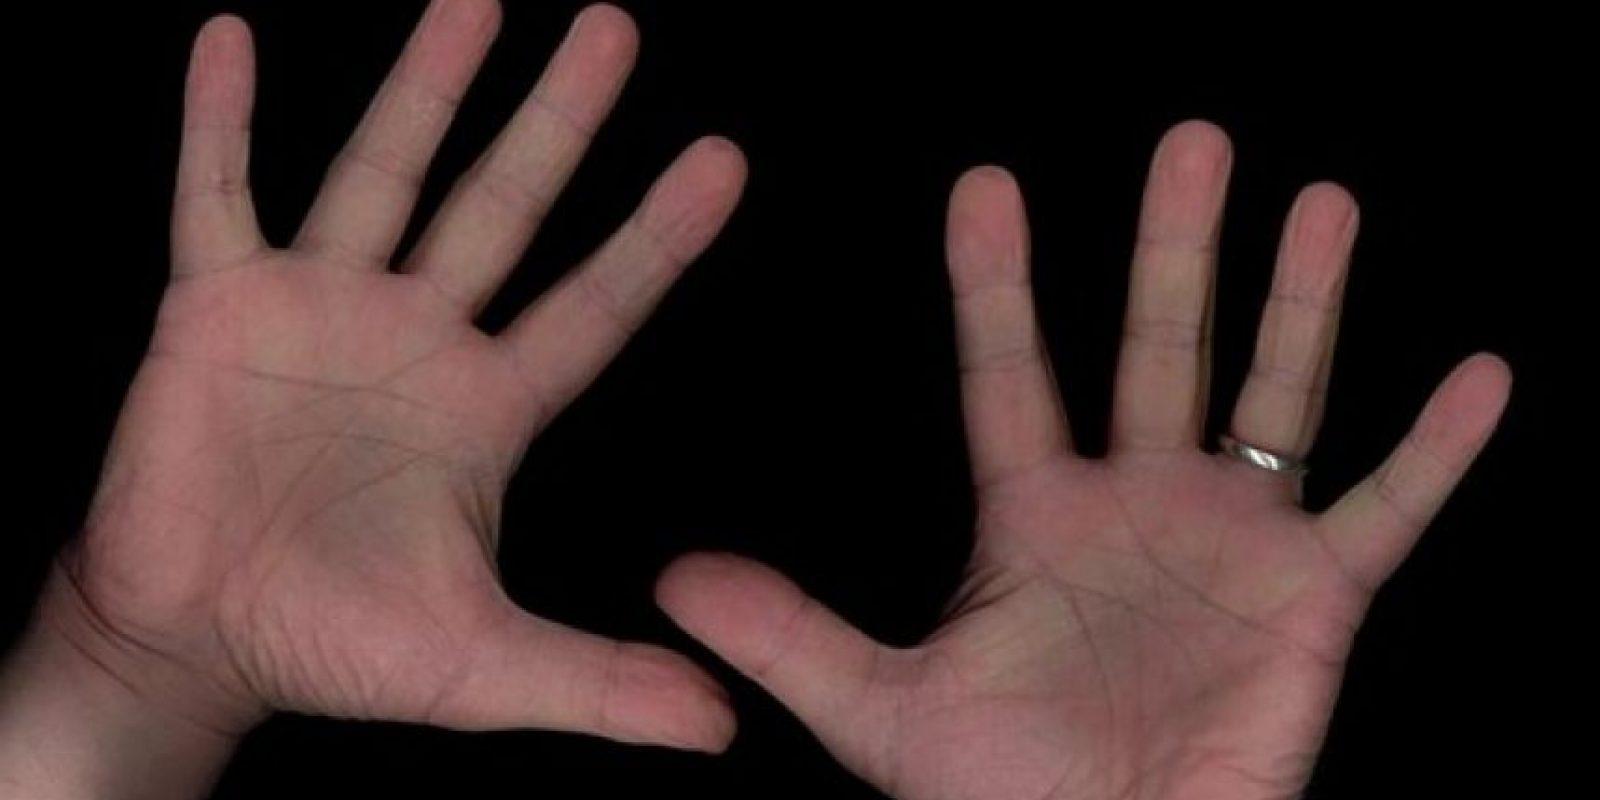 8. Si nuestras manos huelen mal, también es recomendable frotar café entre ellas. De este modo se eliminará fácilmente. Foto:Fotolibre